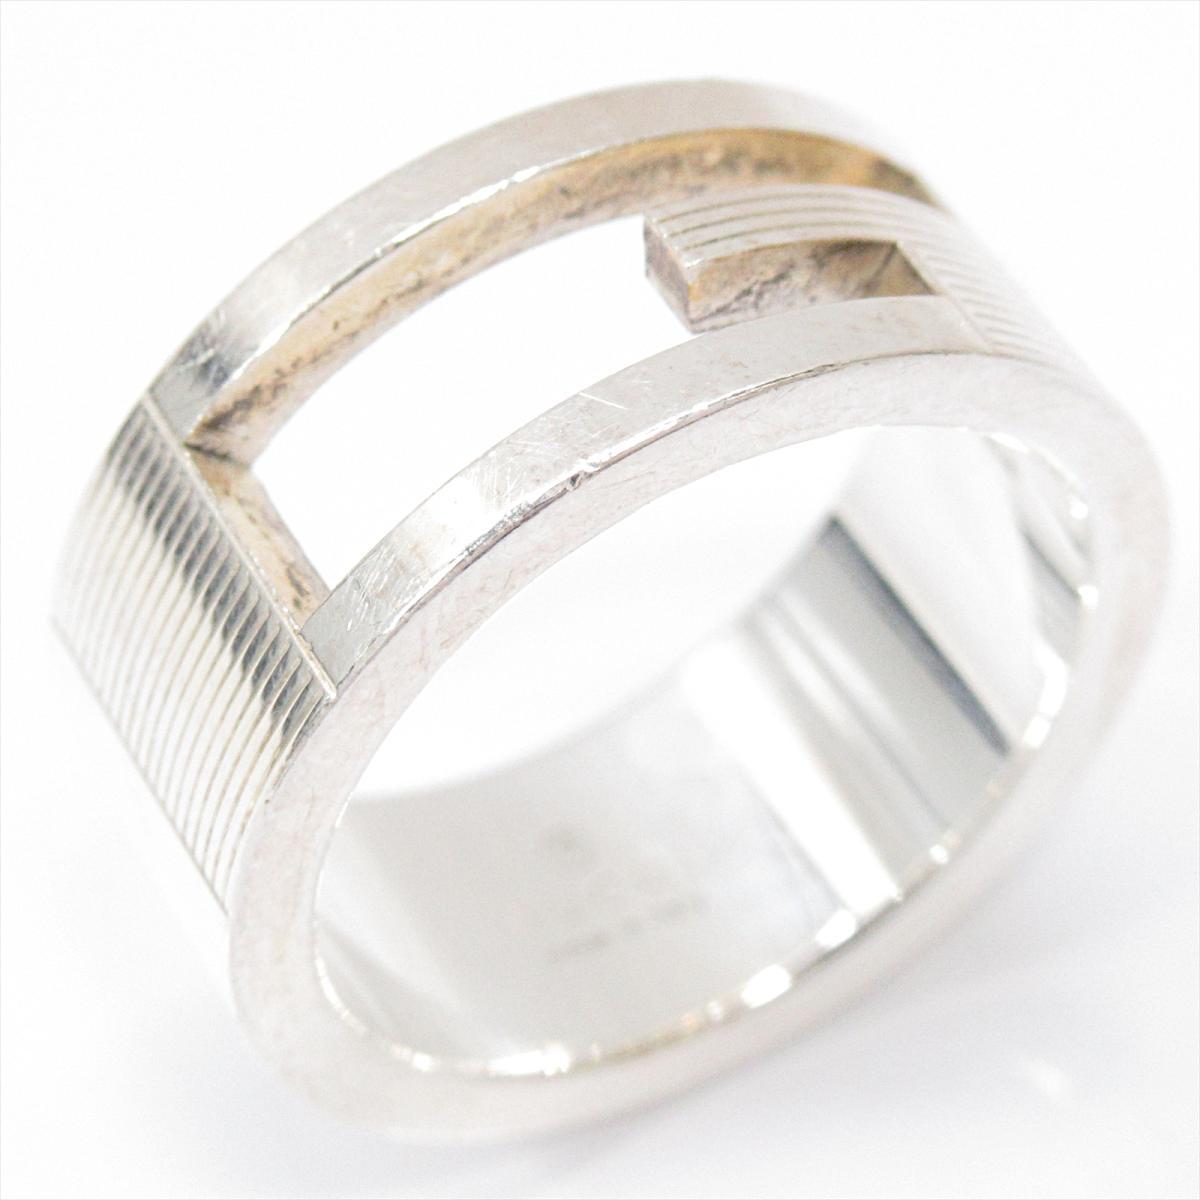 グッチ Gリング 指輪 アクセサリー メンズ レディース シルバー (925) 【中古】 | GUCCI BRANDOFF ブランドオフ ブランド ジュエリー リング